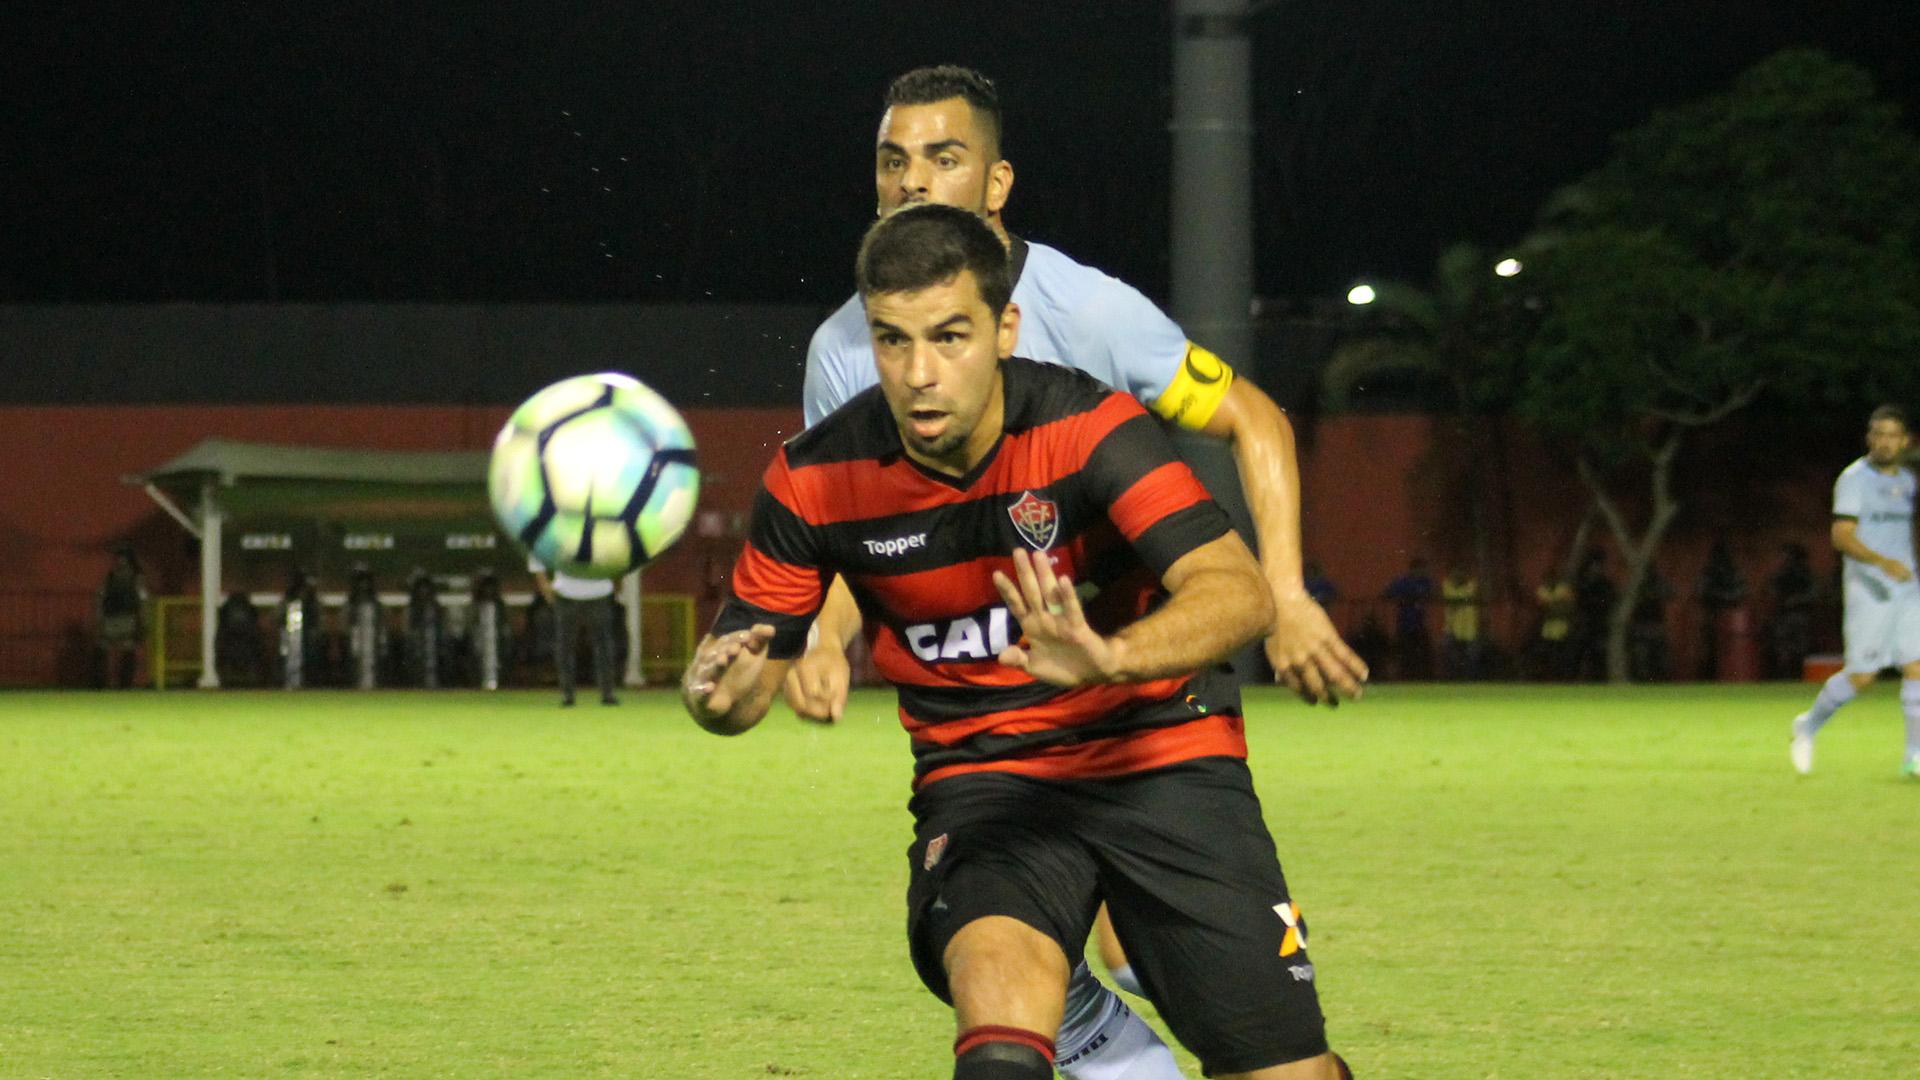 Maicon Andre Lima Vitoria Gremio Brasileirao Serie A 19072017